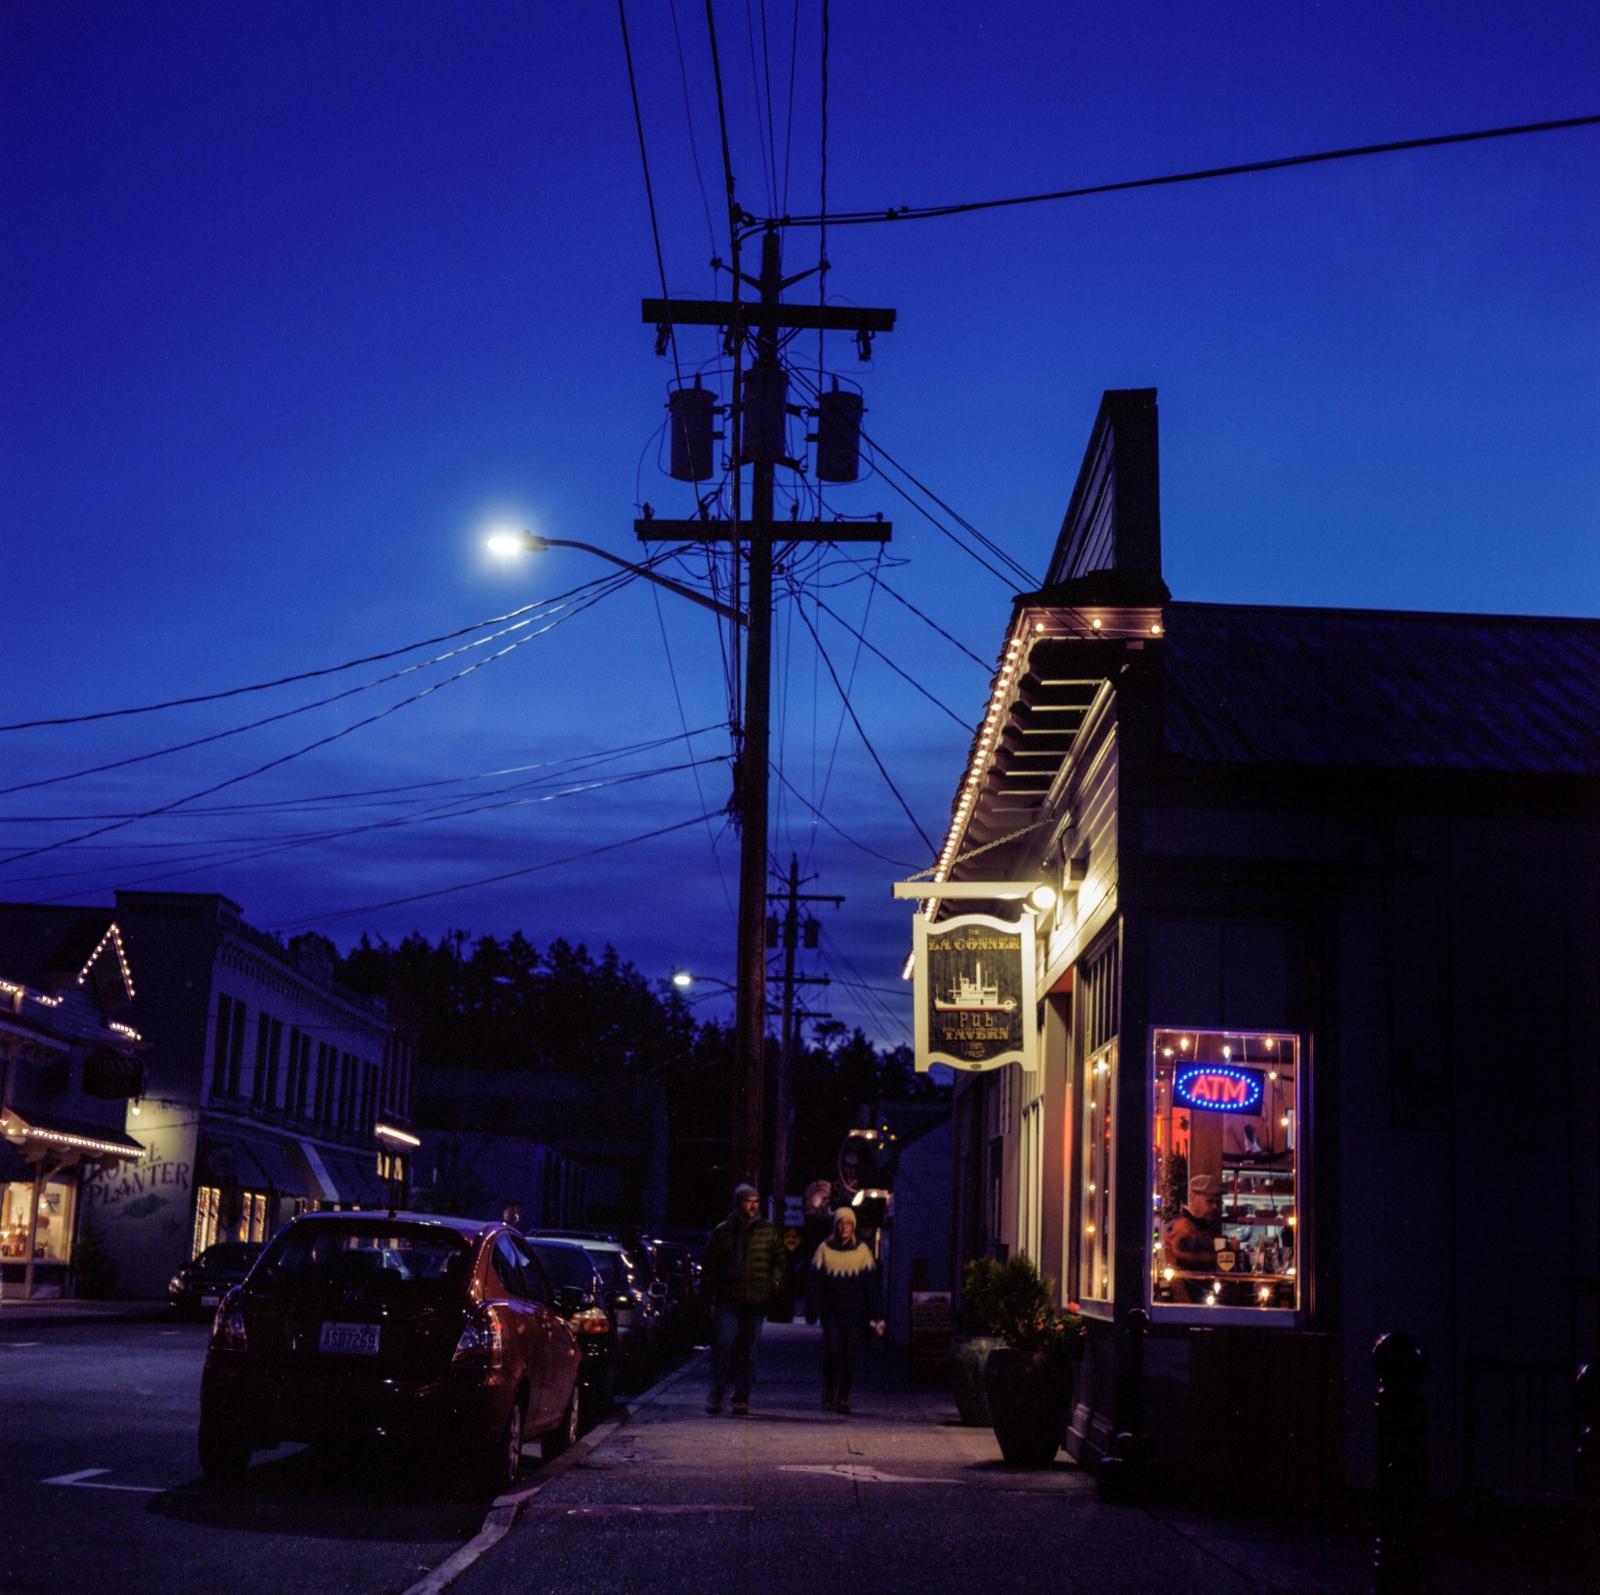 La Conner Tavern